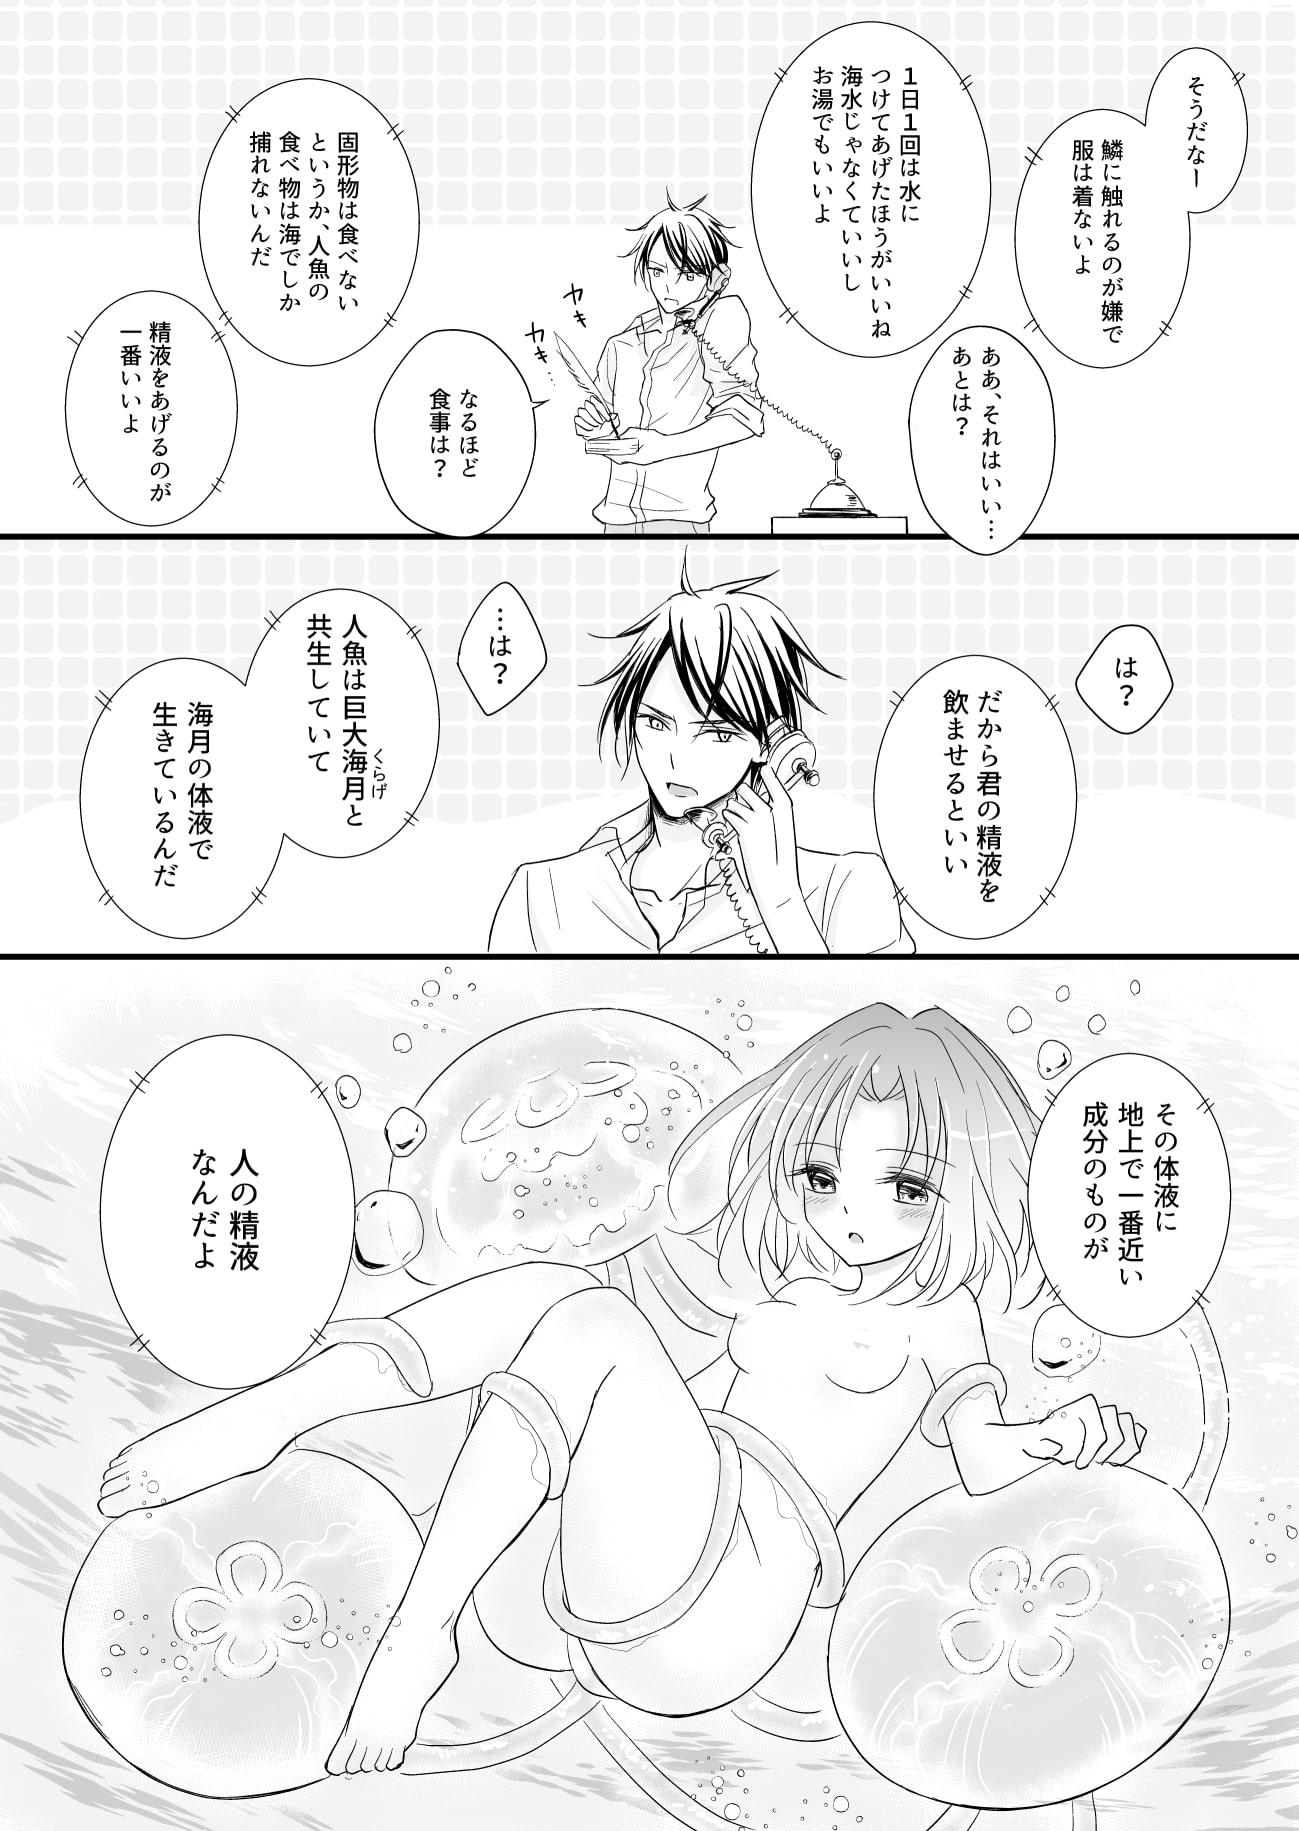 溺愛~人魚を拾った王子様の話~